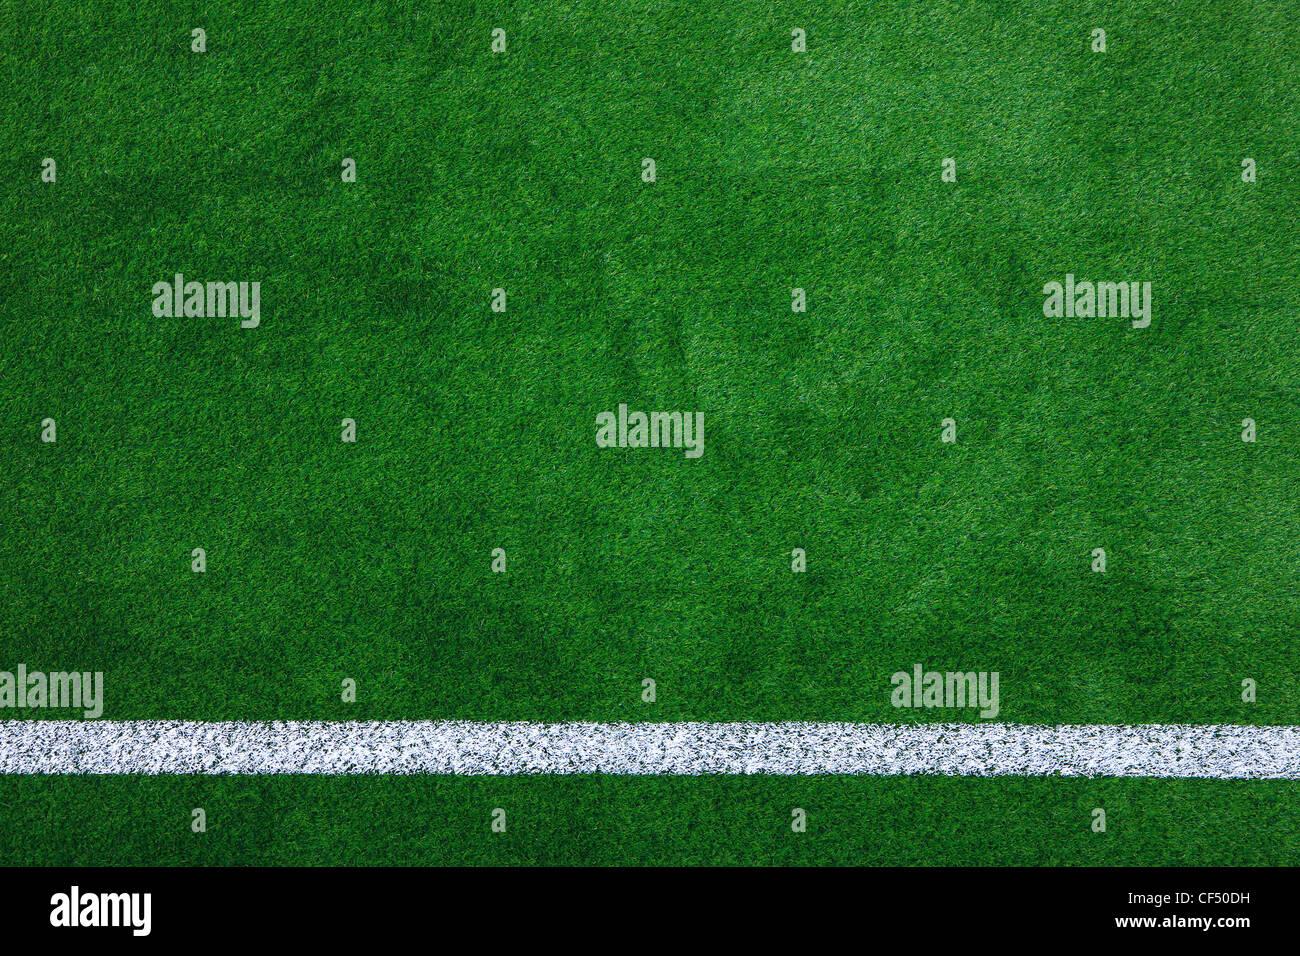 Foto de un campo deportivo de césped sintético verde con línea blanca disparó desde arriba. Imagen De Stock